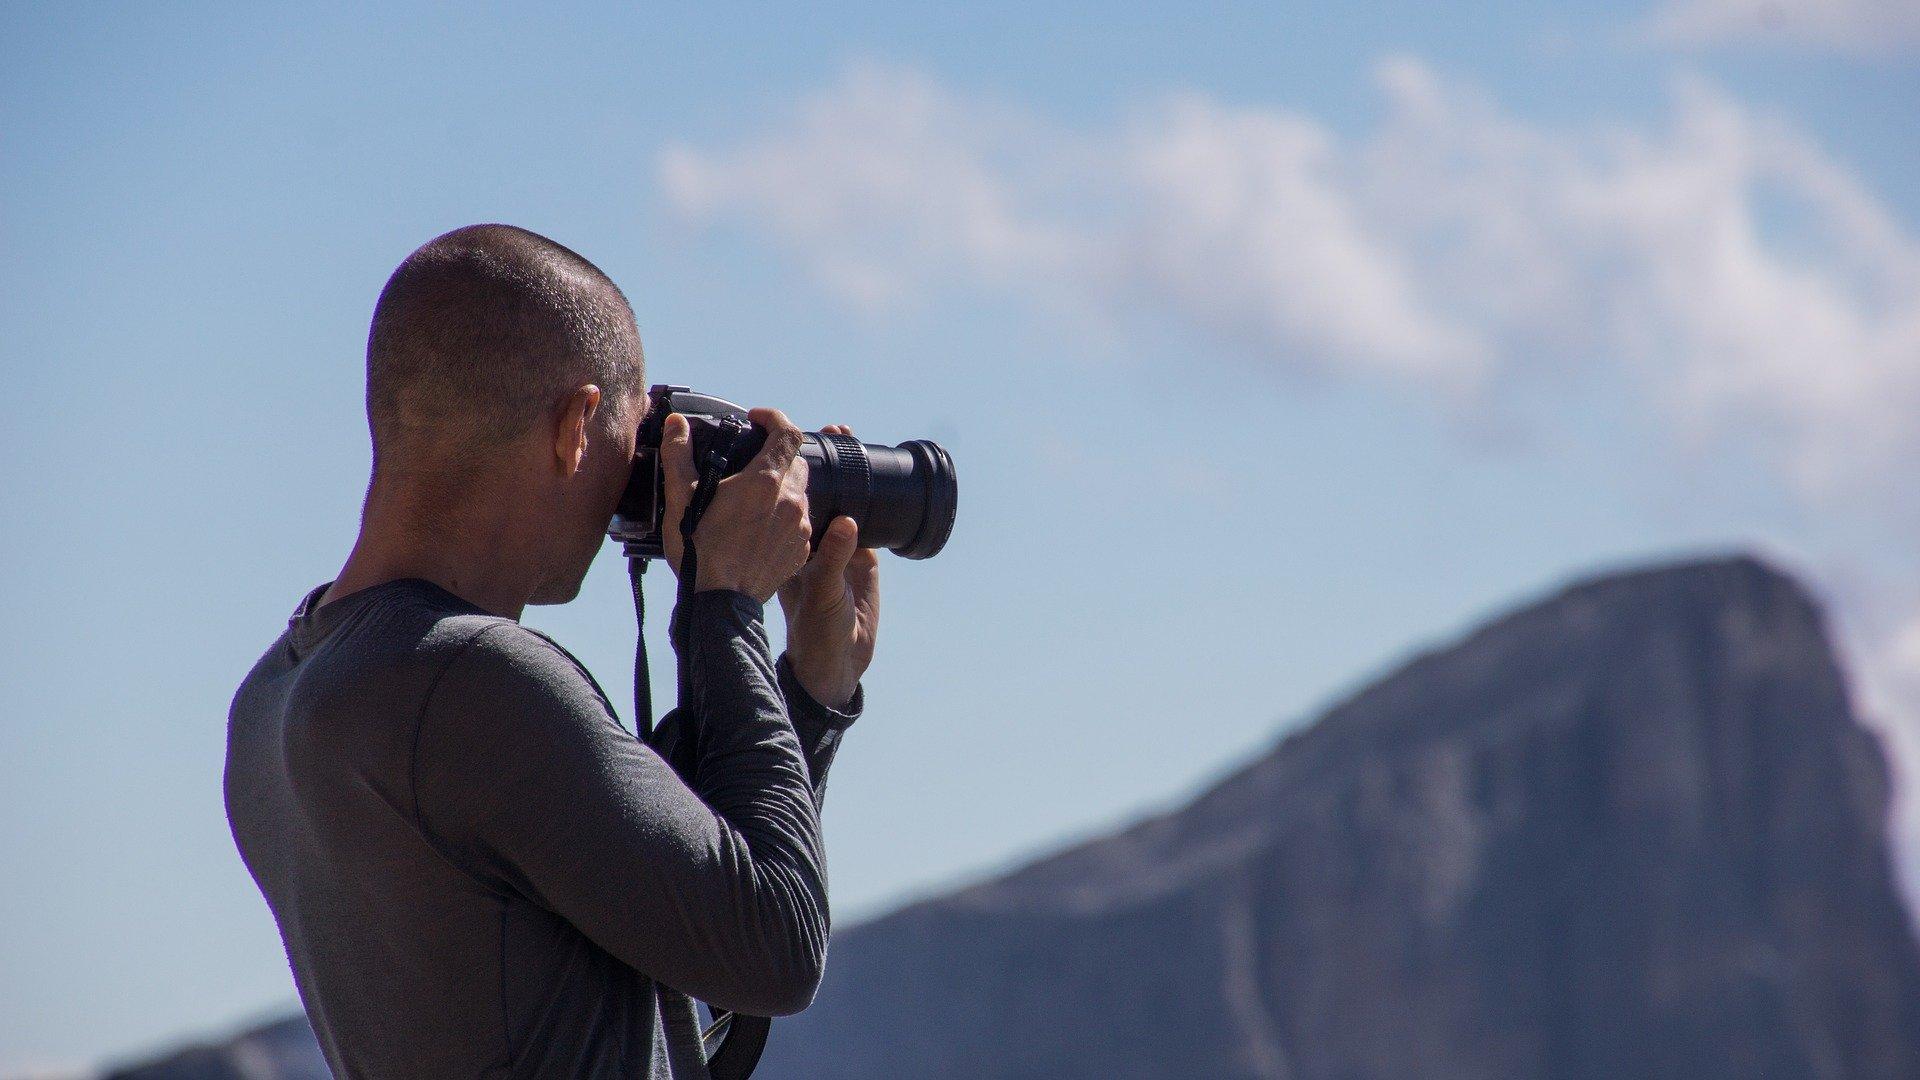 Nenechte, aby za vás foťák myslel